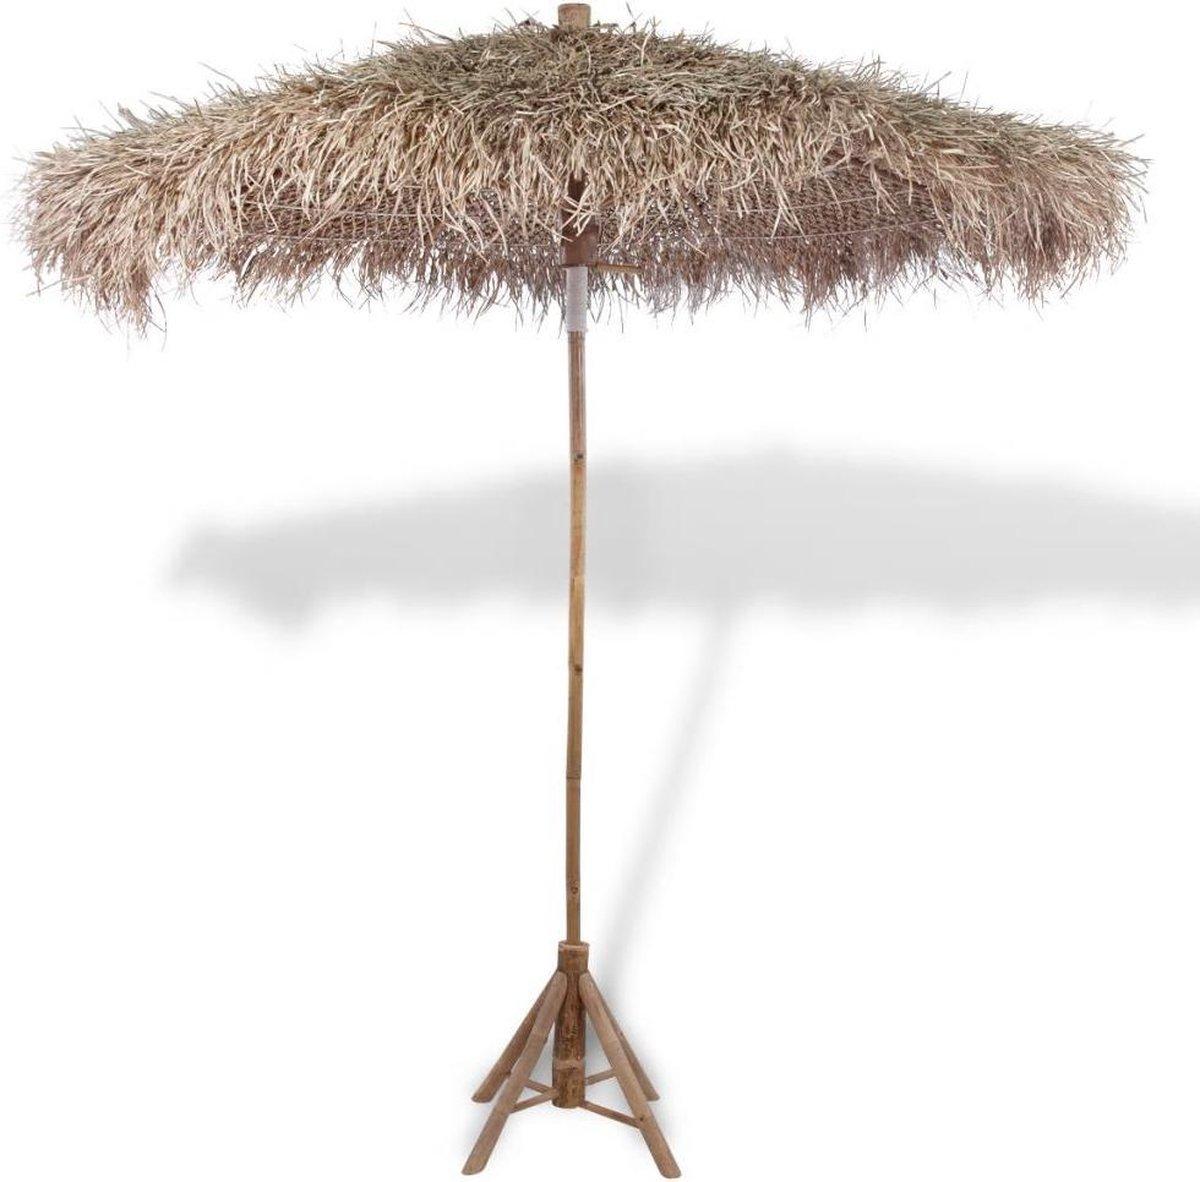 vidaXL Parasol van bamboe met dak van bananenbladeren 210 cm